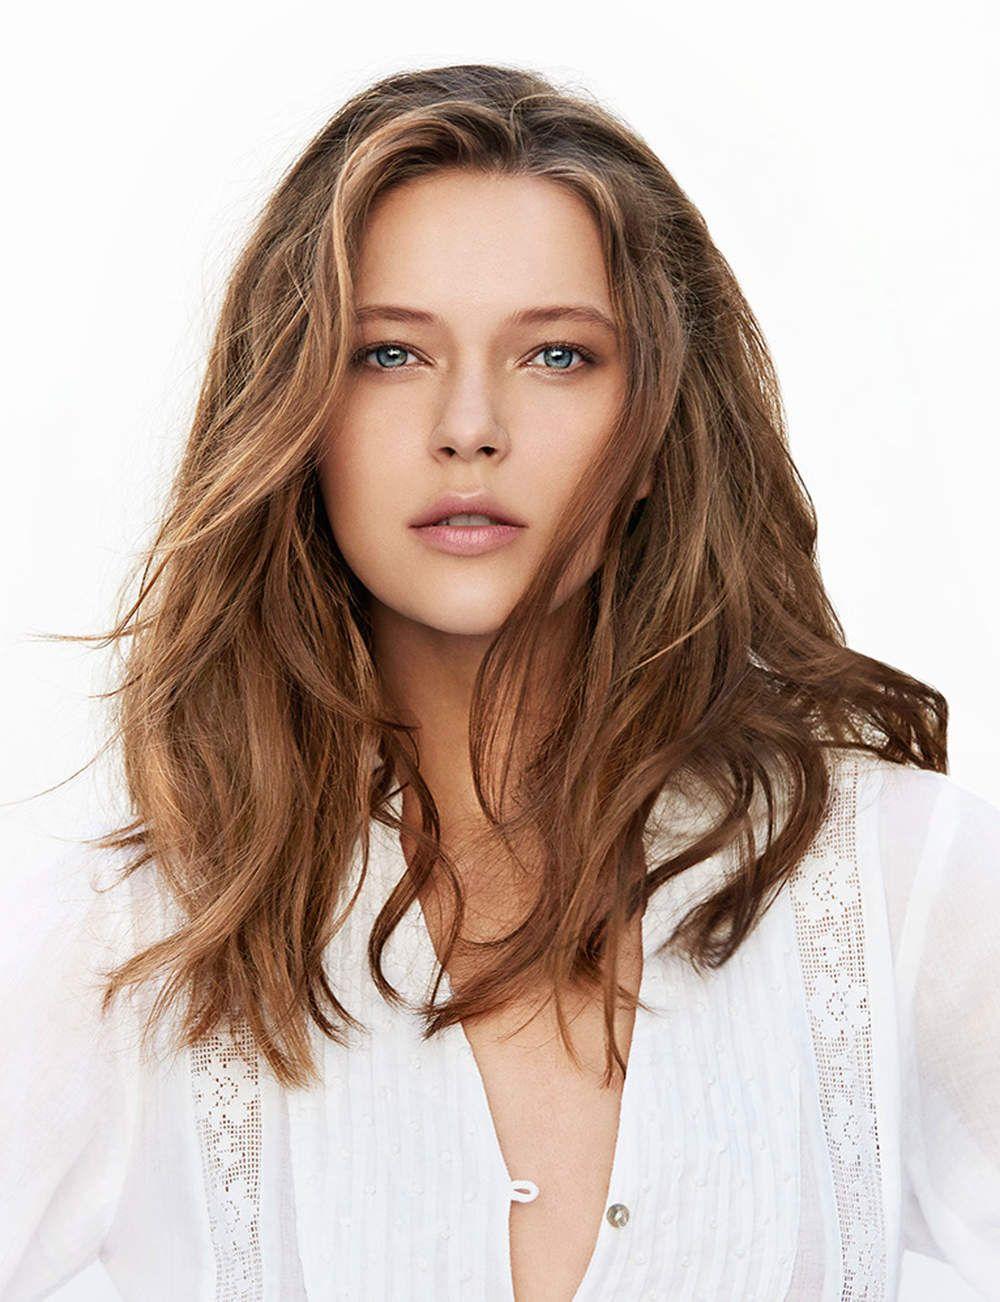 +20 belles photos de coupe femme cheveux epais mi long - LiloBijoux - Bijoux Fantasie tendances ...